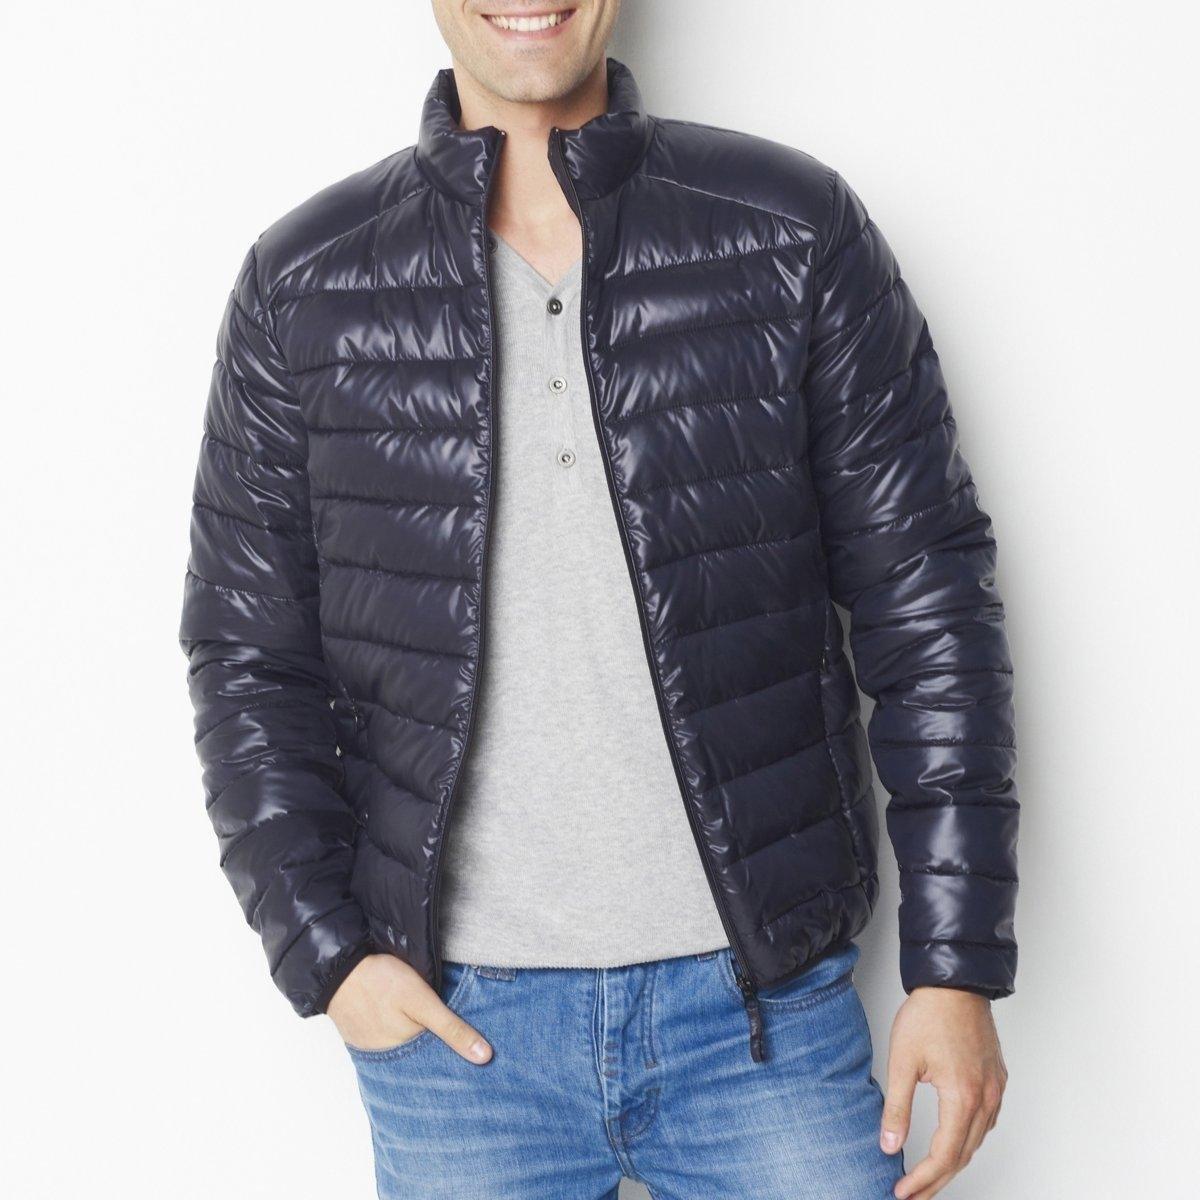 Куртка легкаяЛегкая куртка с водоотталкивающим эффектом, 100% полиэстер. Стеганая ватиновая подкладка. Застежка на молнию. Потайные карманы на молнии. Отделка низа и манжет эластичным кантом. Длина ок.68 см. Уход : Машинная стирка при 30°C исключительно на деликатном режиме<br><br>Цвет: темно-синий,черный<br>Размер: S.M.L.XL.XXL.3XL.XS.M.L.XL.XXL.3XL